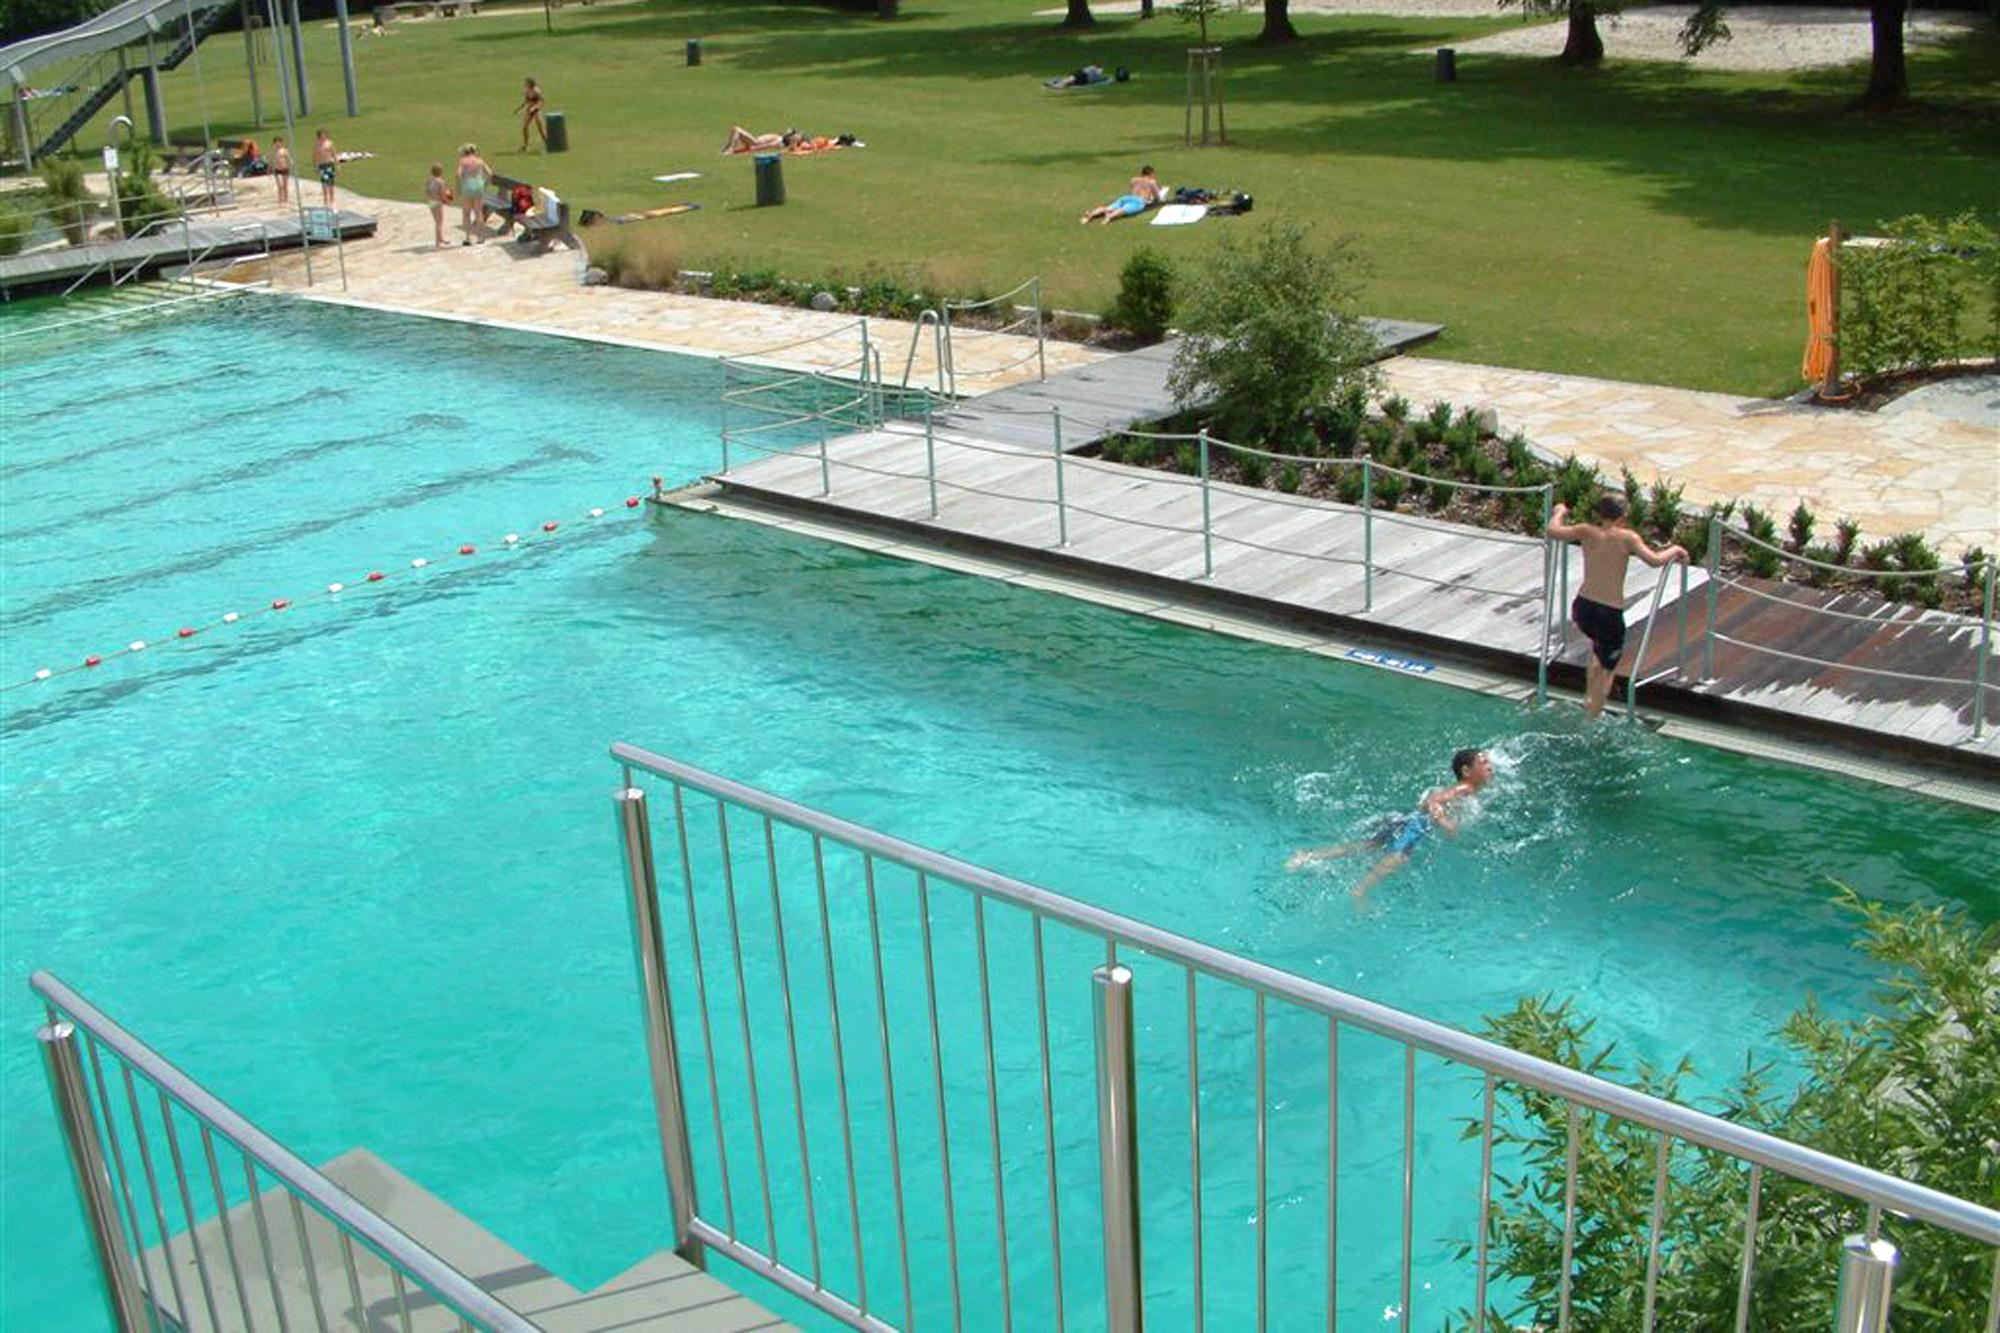 darum öffentliche Schwimmbecken von Veltmann